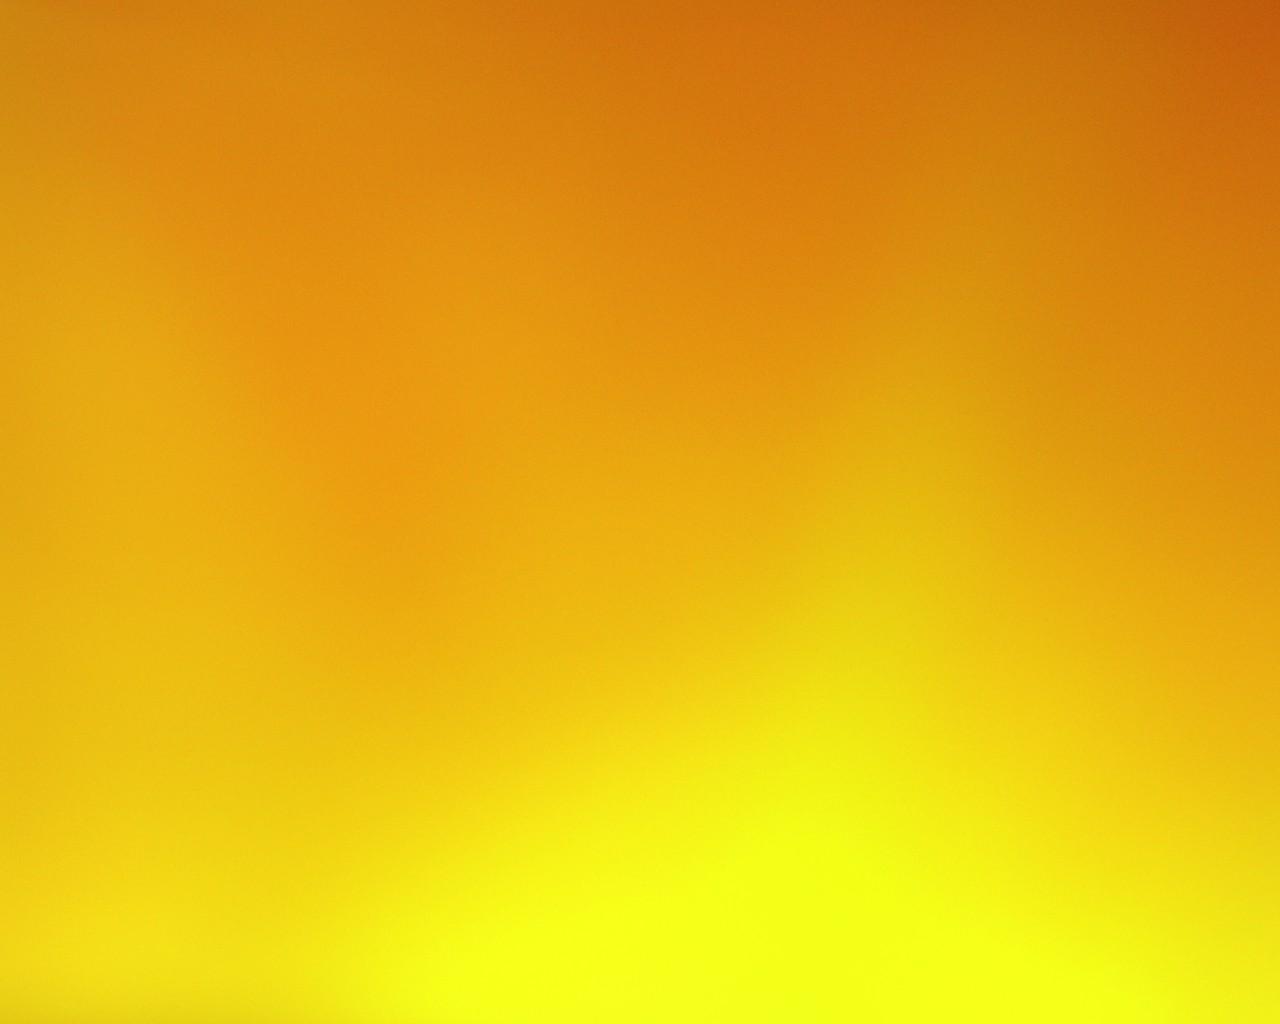 Fonds décran Couleur & Texture gratuits 1280x1024 pixels